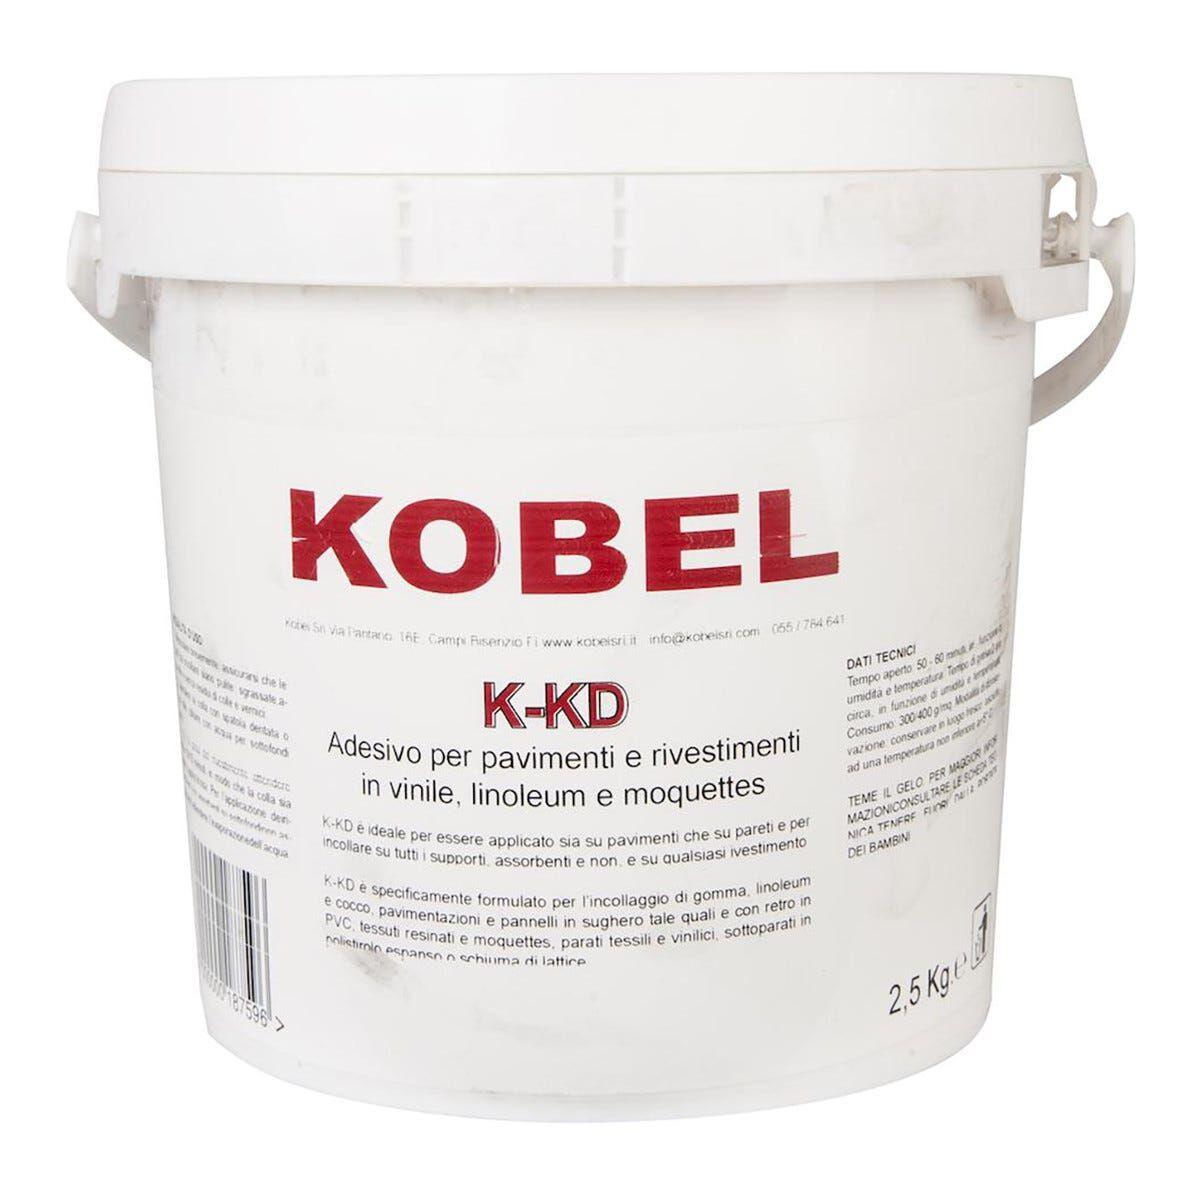 Collante Acrilico K-Kd Pvc Kobel 2,5 Kg Incolla Linoleum Gomma Moquettes Agugliati Feltro